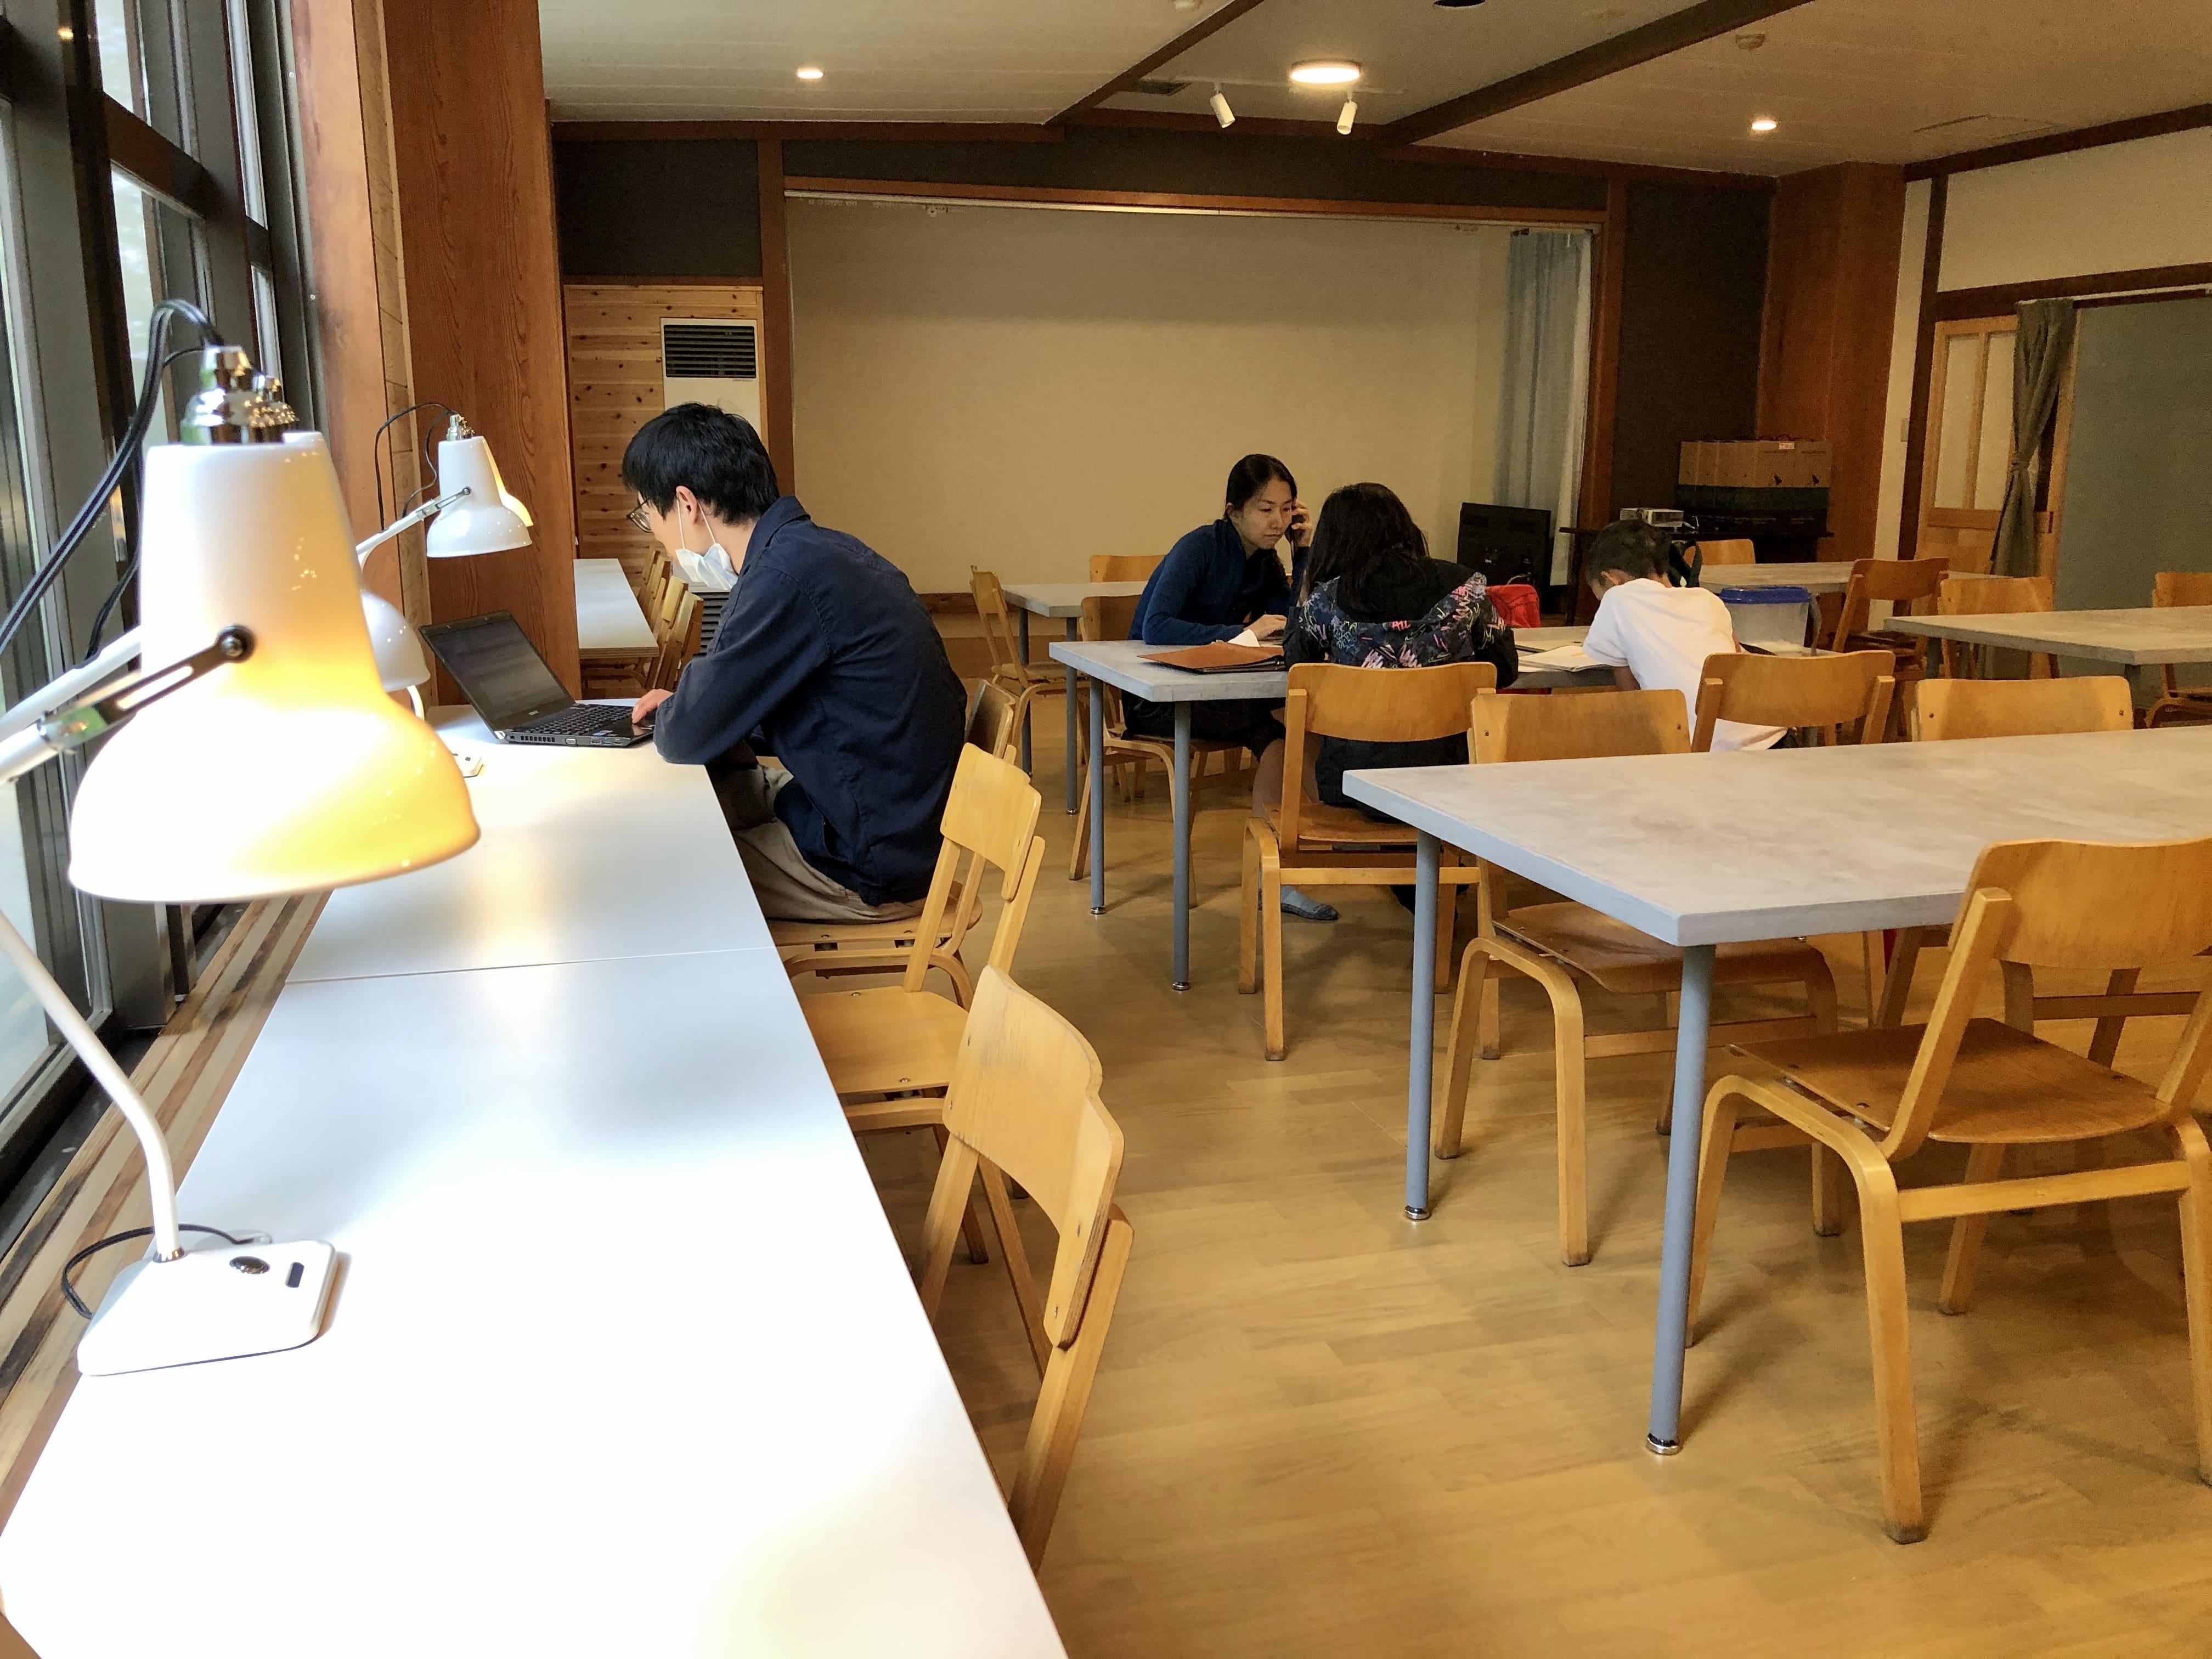 ワークスペース2:温泉の宿 ゲストハウス雷鳥 | Workations(ワーケーションズ)